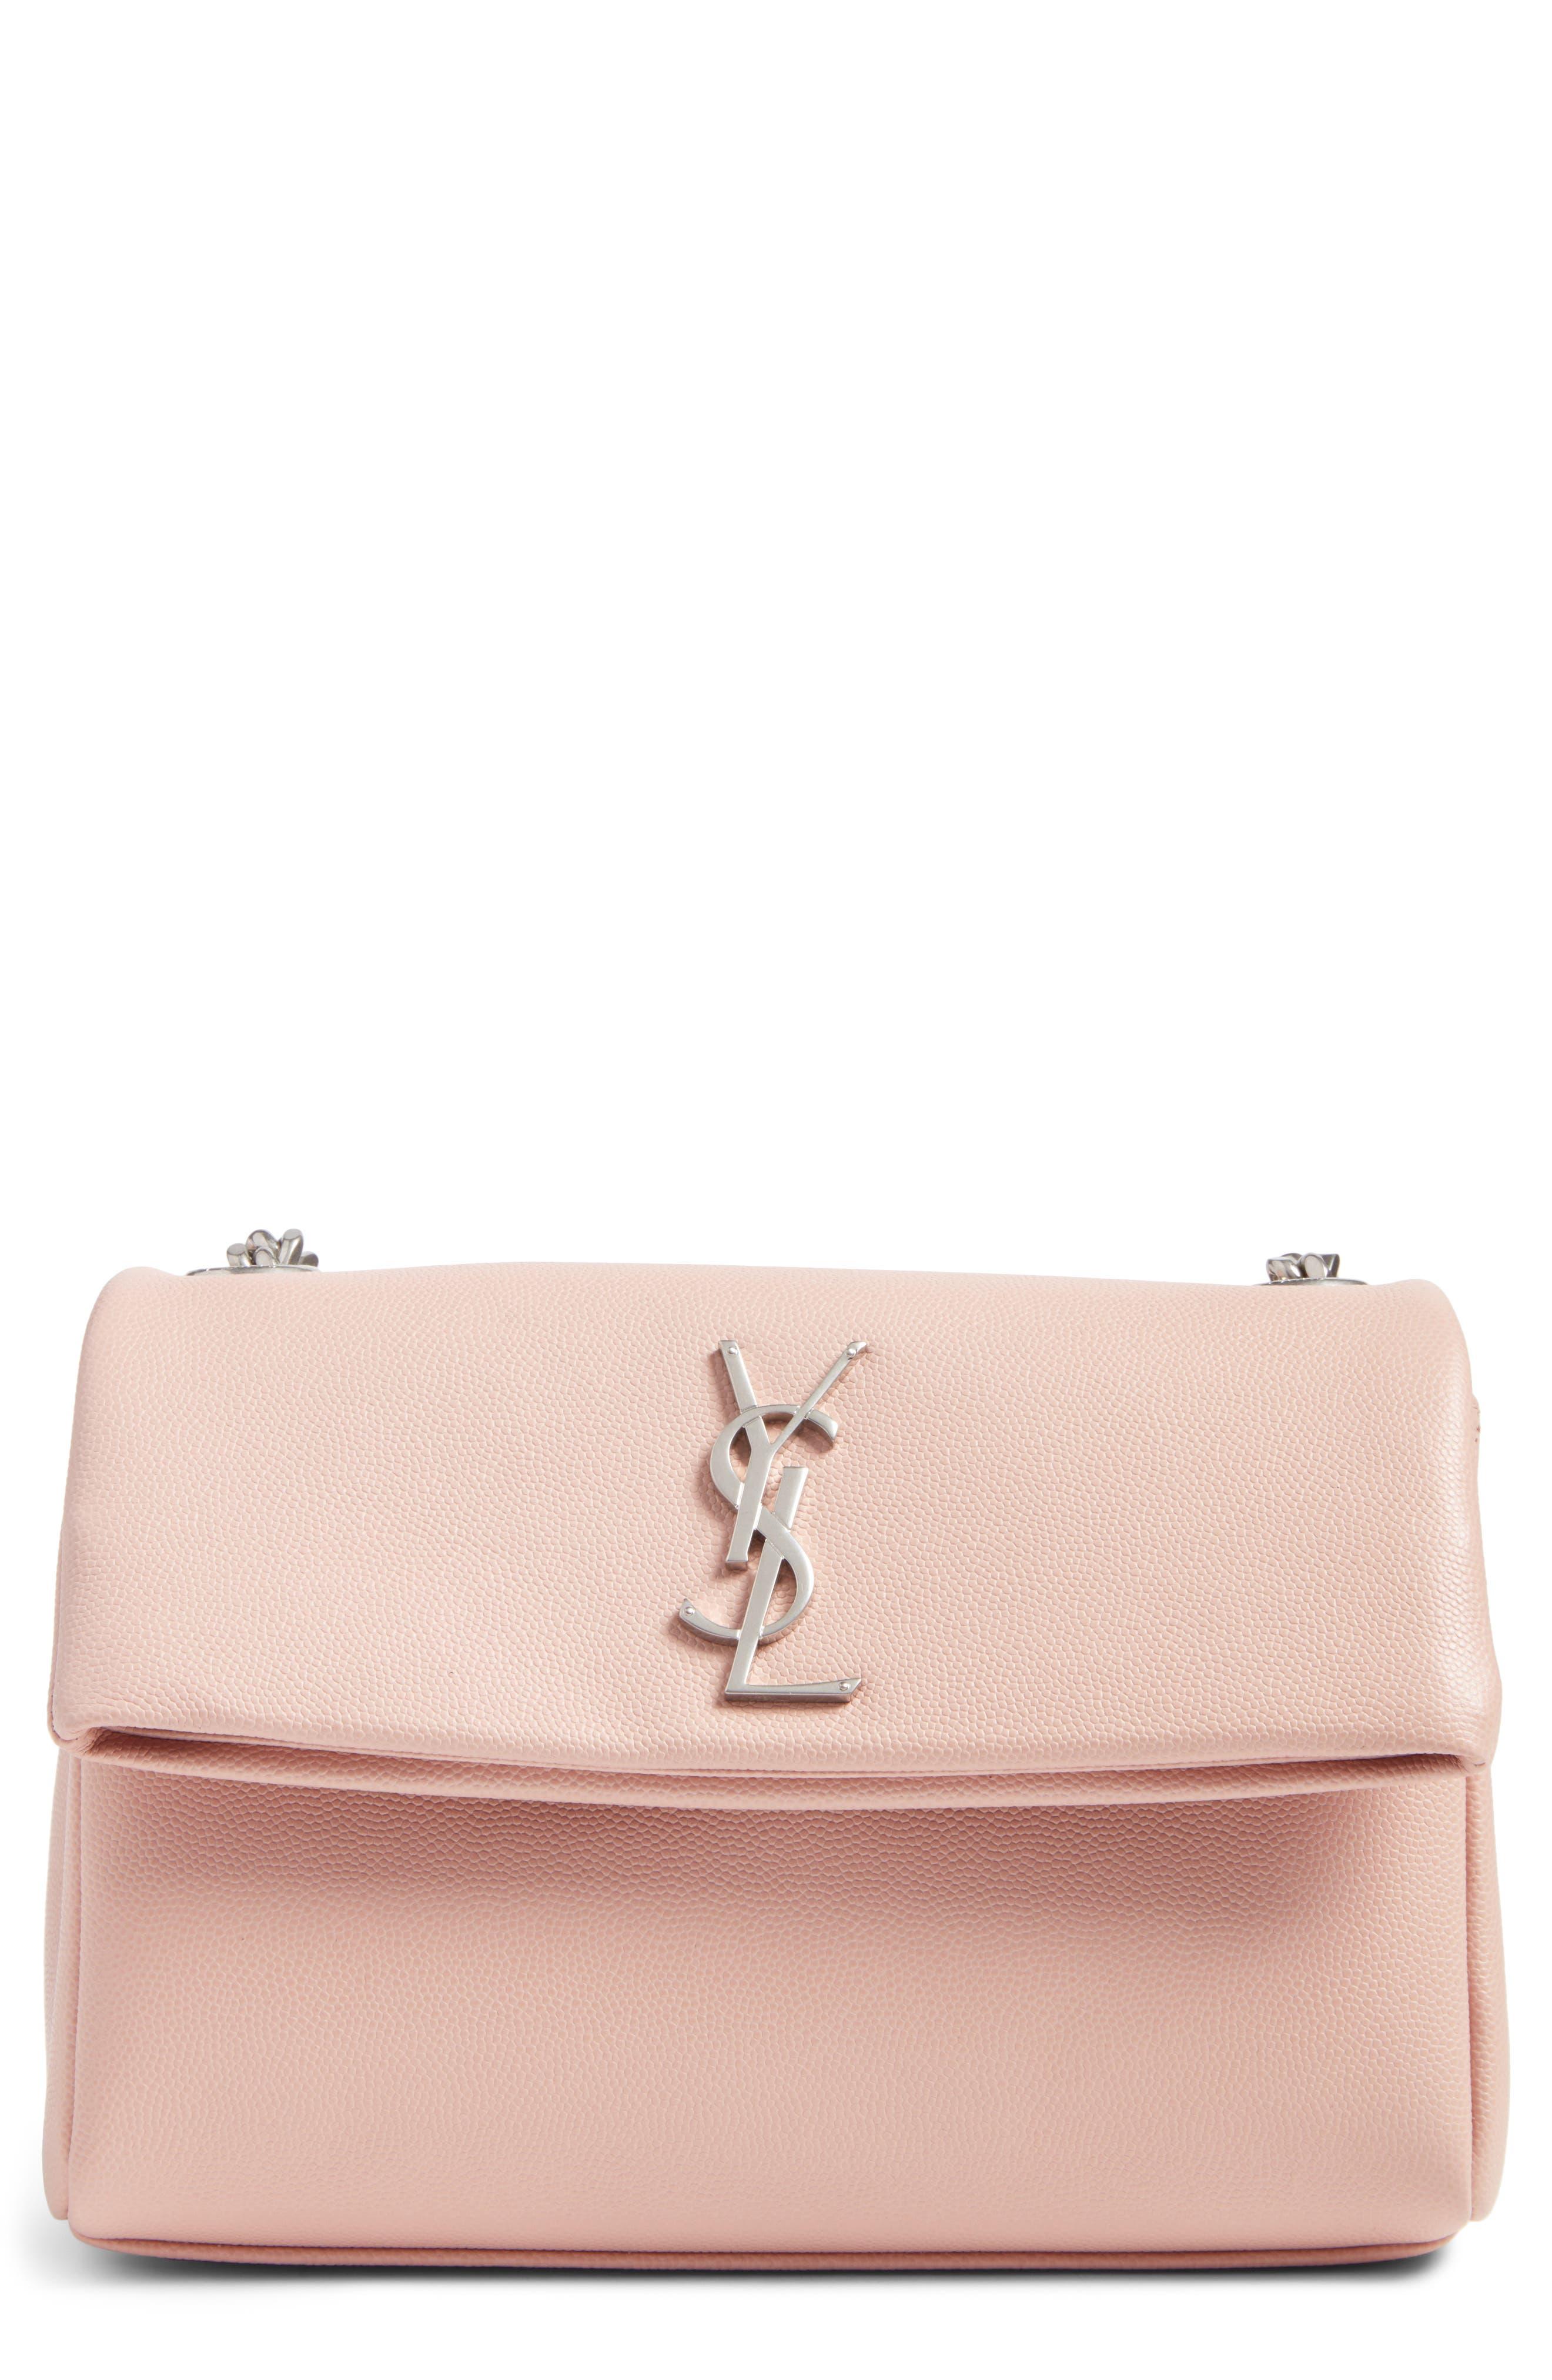 Alternate Image 1 Selected - Saint Laurent West Hollywood Calfskin Leather Messenger Bag